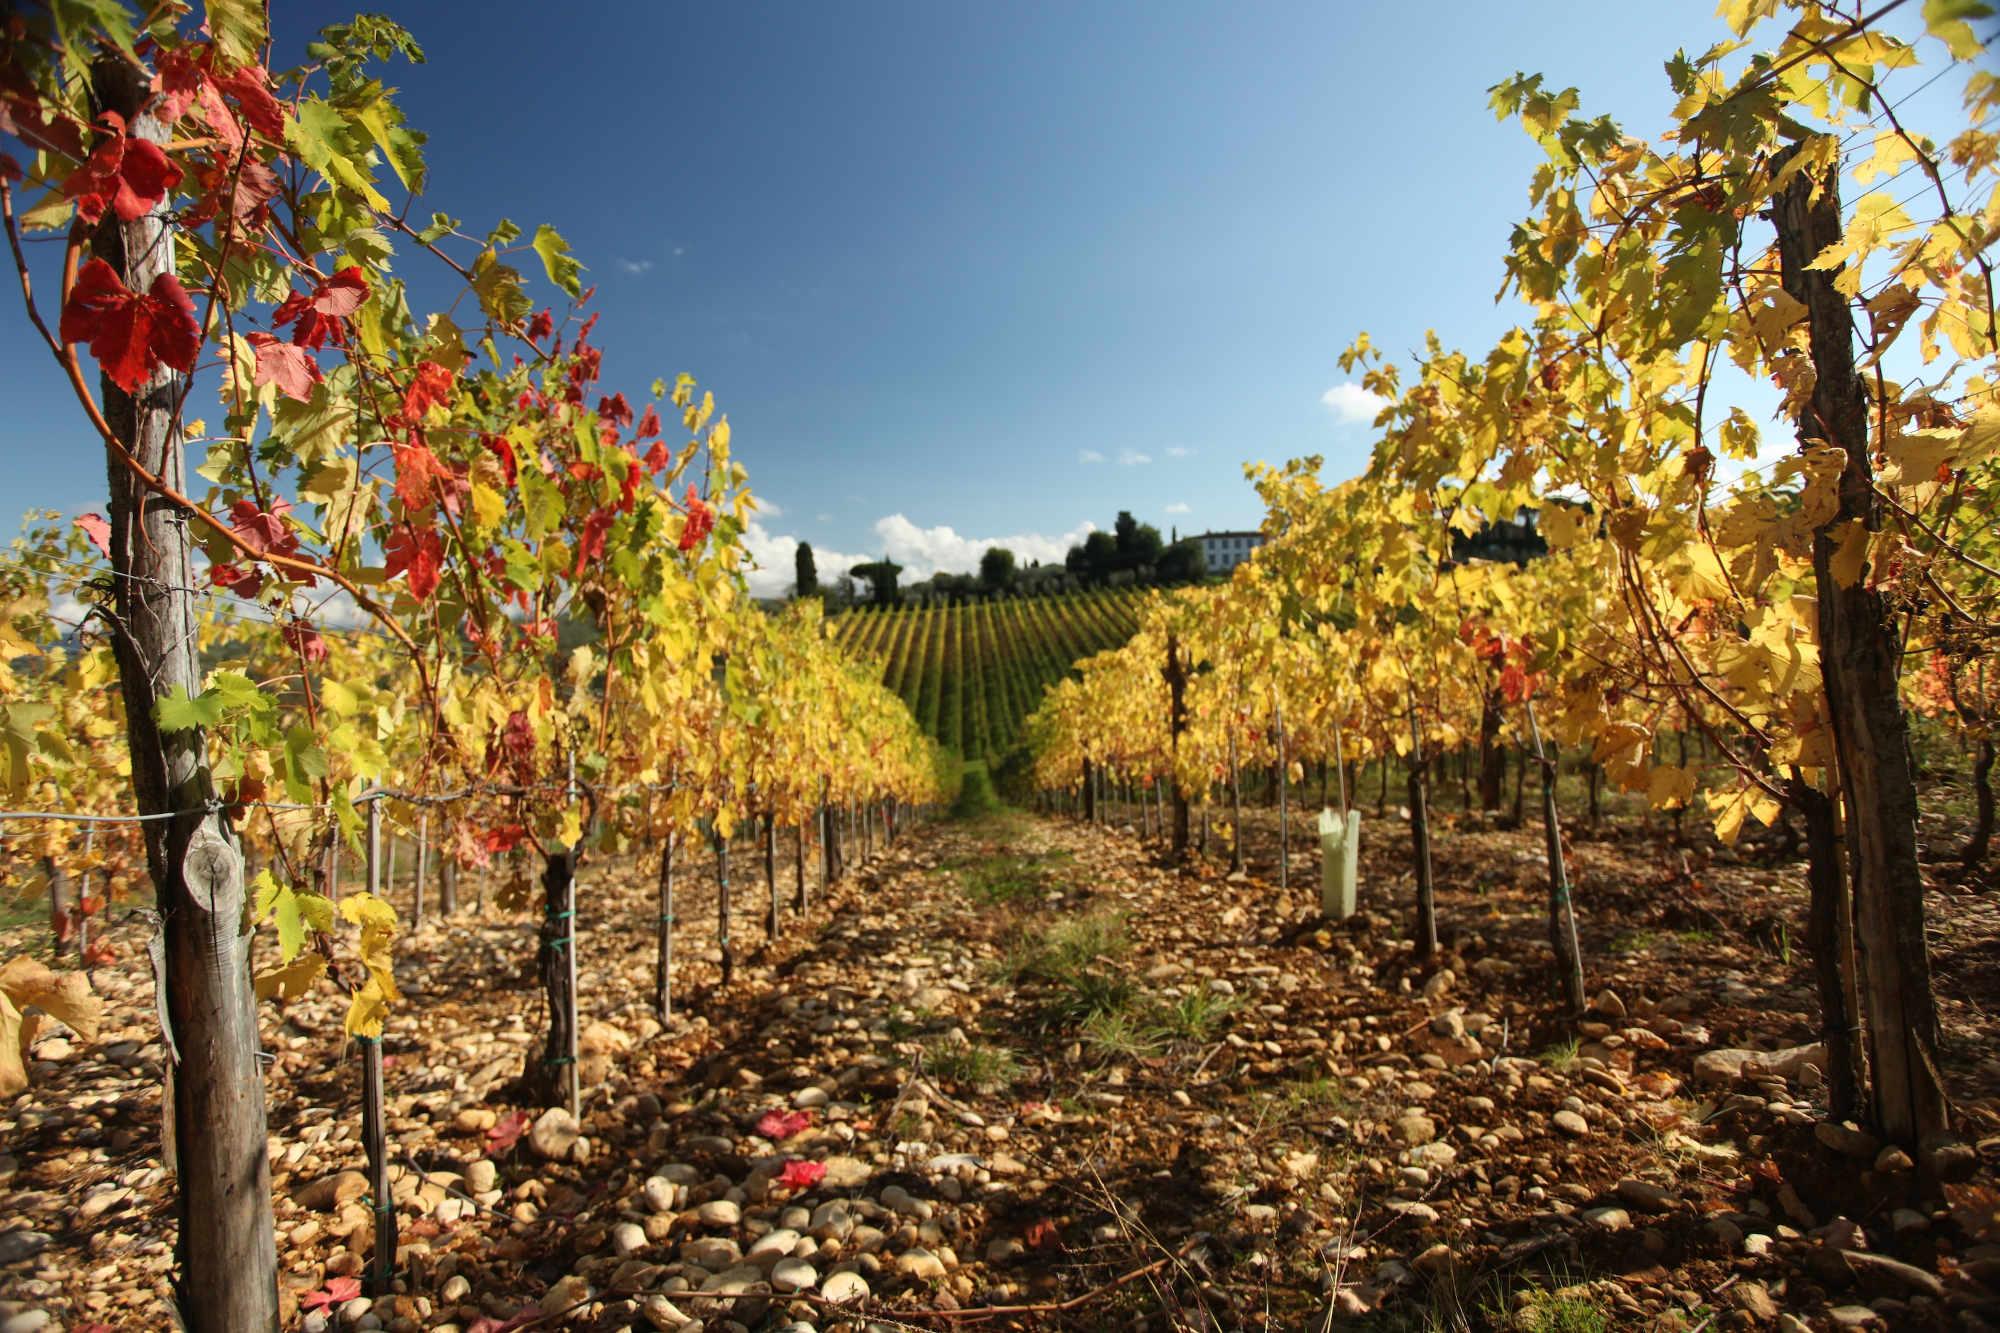 autumn_vineyards4